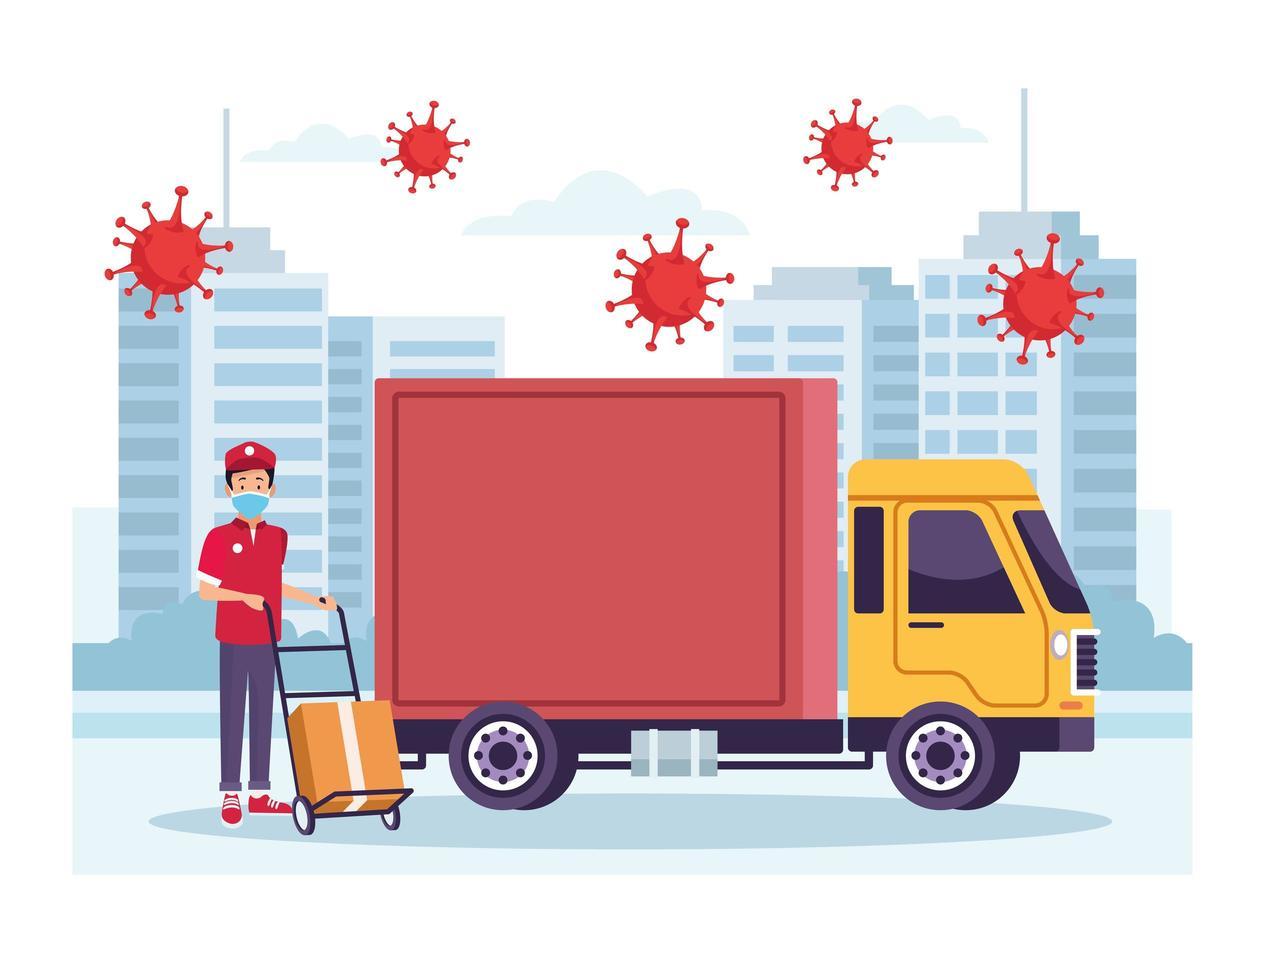 corriere con servizio di consegna camion con particelle di coronavirus vettore